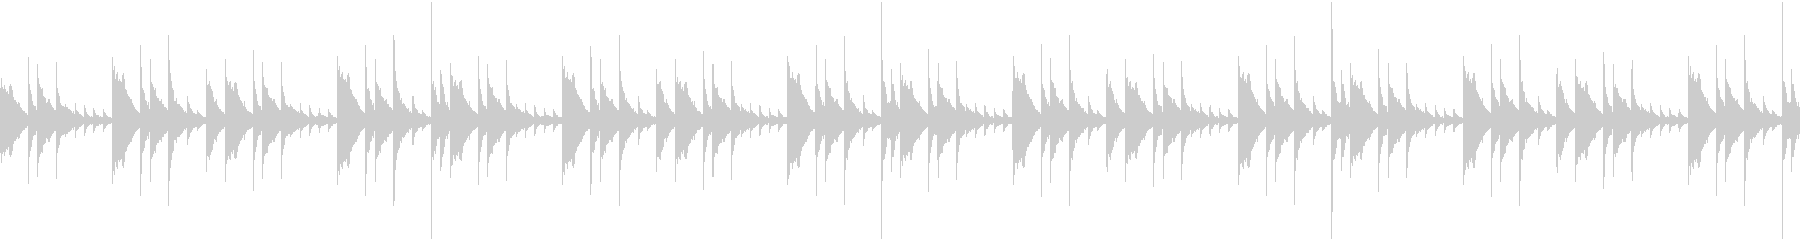 少しダークなハンドパンBGMの未再生の波形